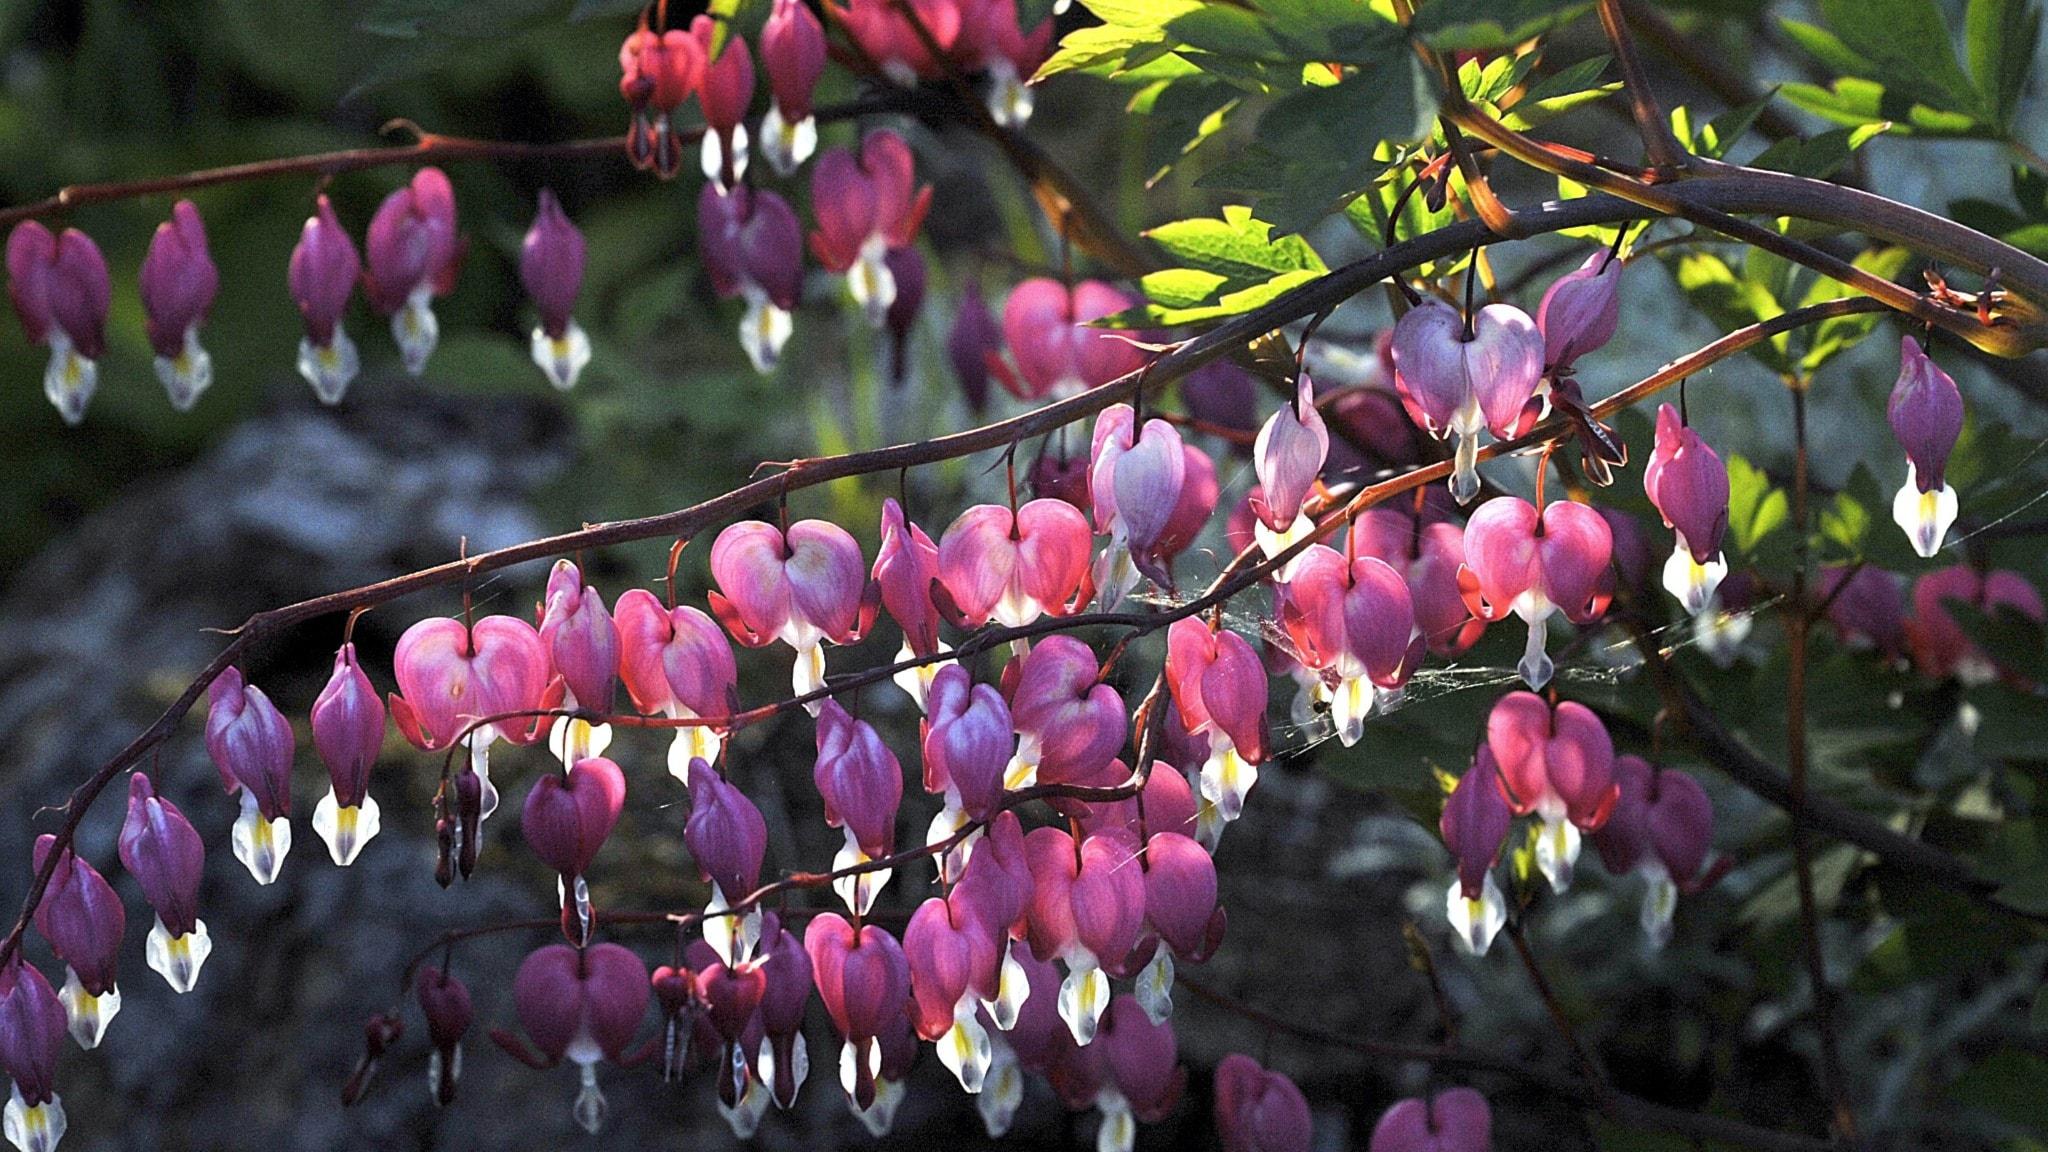 Löjtnantshjärtats hjärtformade blommor i kvällssol